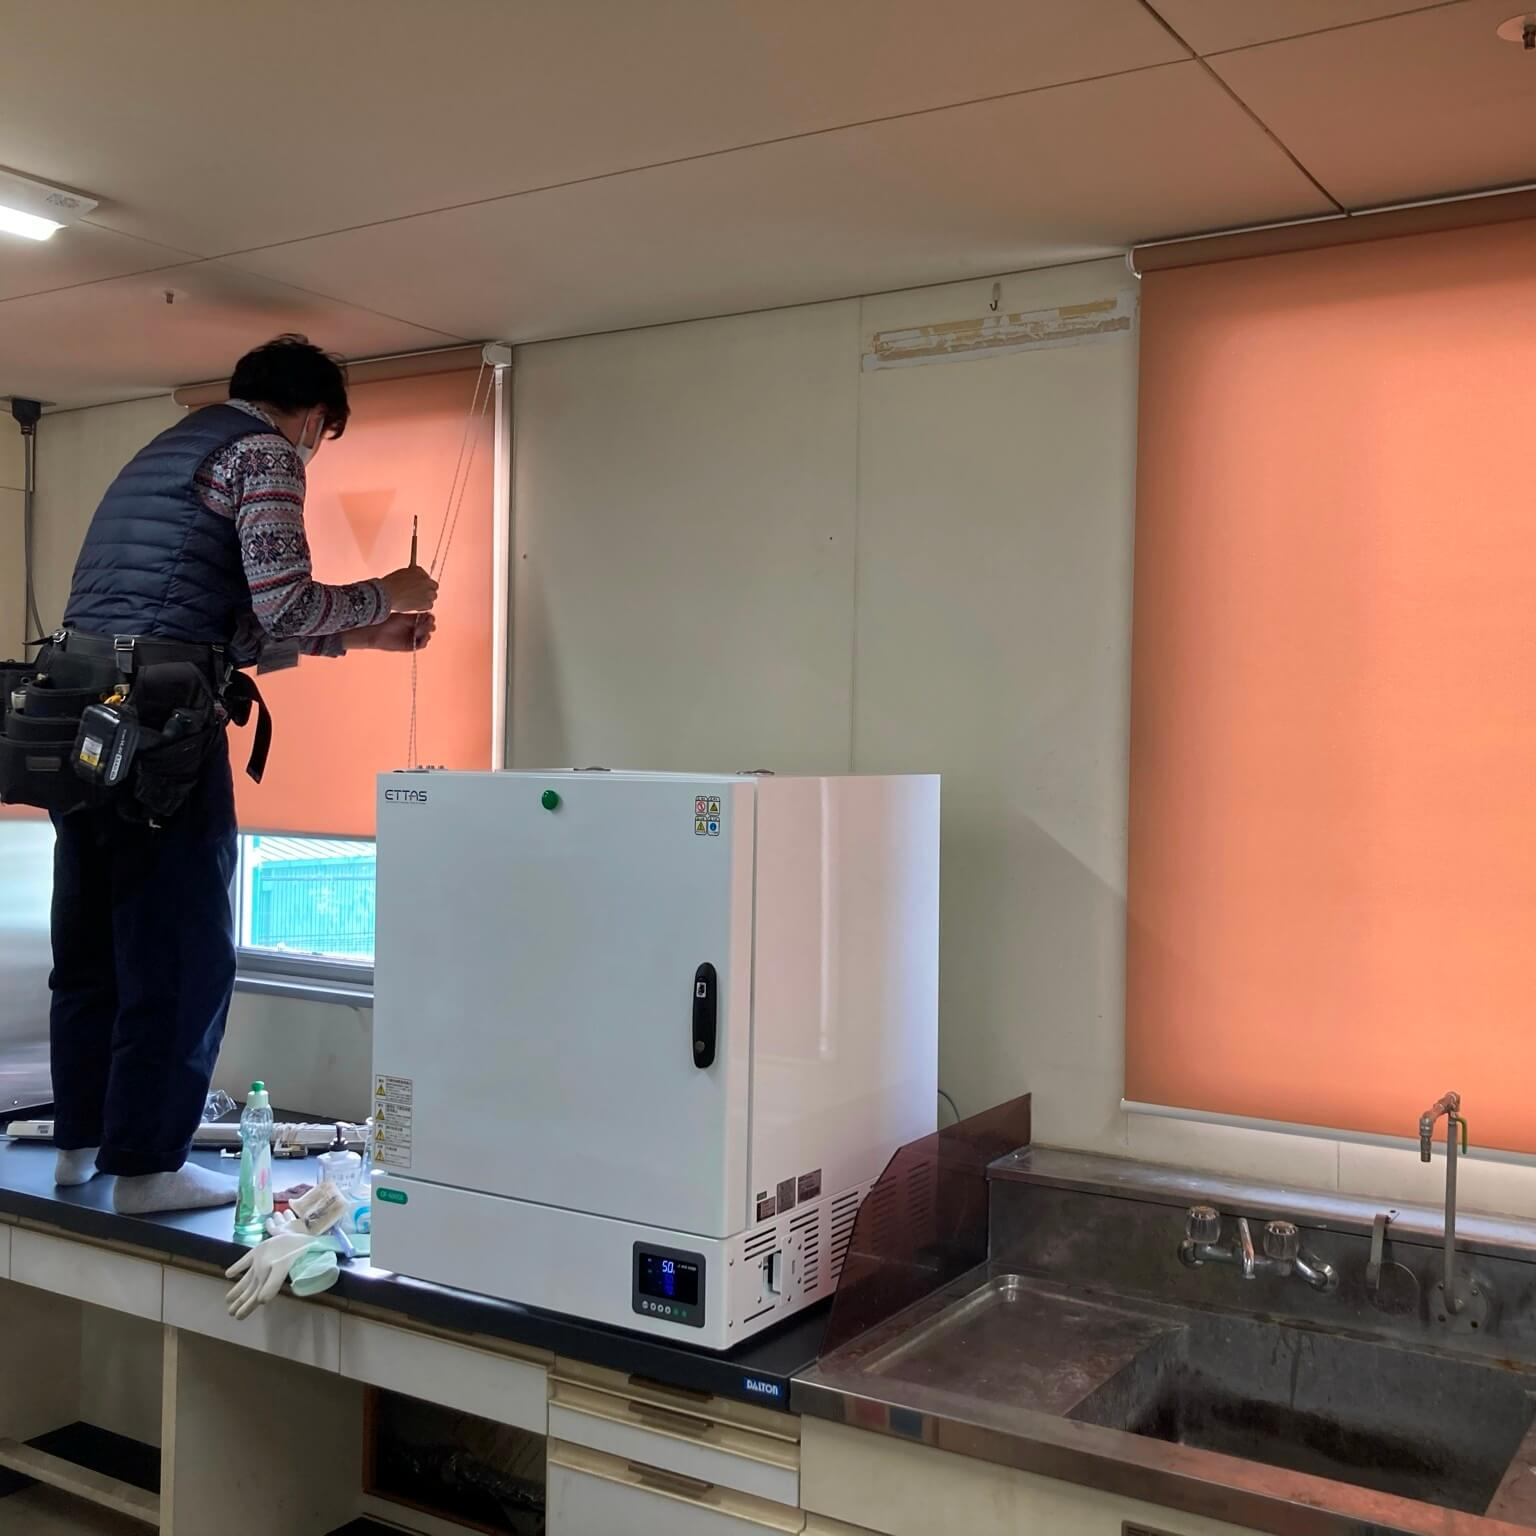 徳島・香川のオフィス内装工事|ロールスクリーン(ロールカーテン)取付工事(ブラインドからの取替工事)